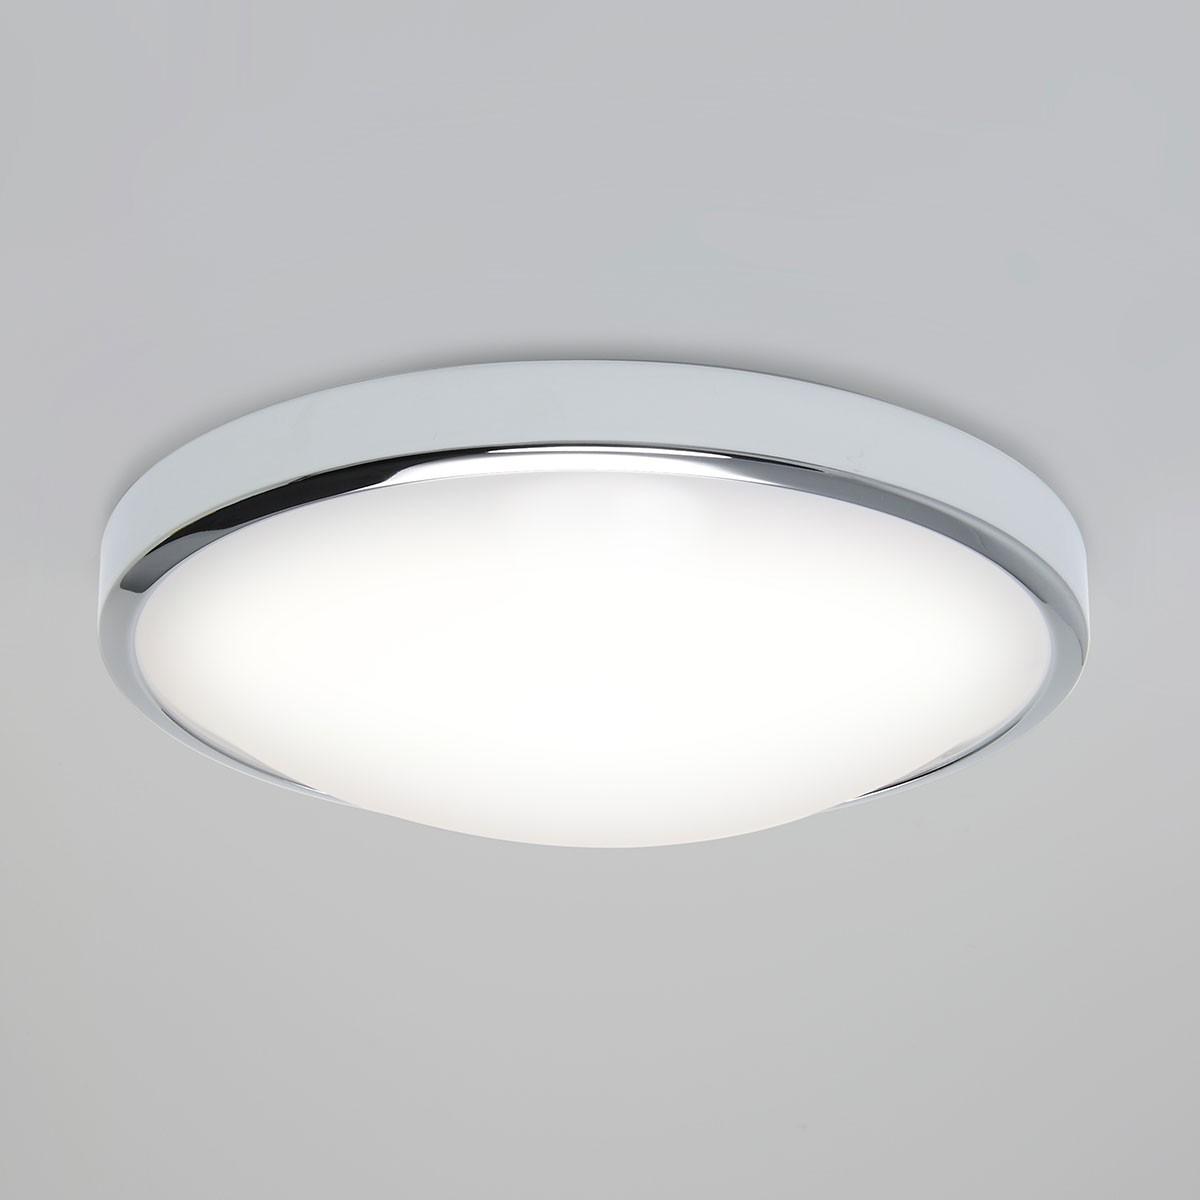 Astro osaka sensor polished chrome led ceiling light with motion astro osaka sensor polished chrome led ceiling light with motion sensor mozeypictures Images